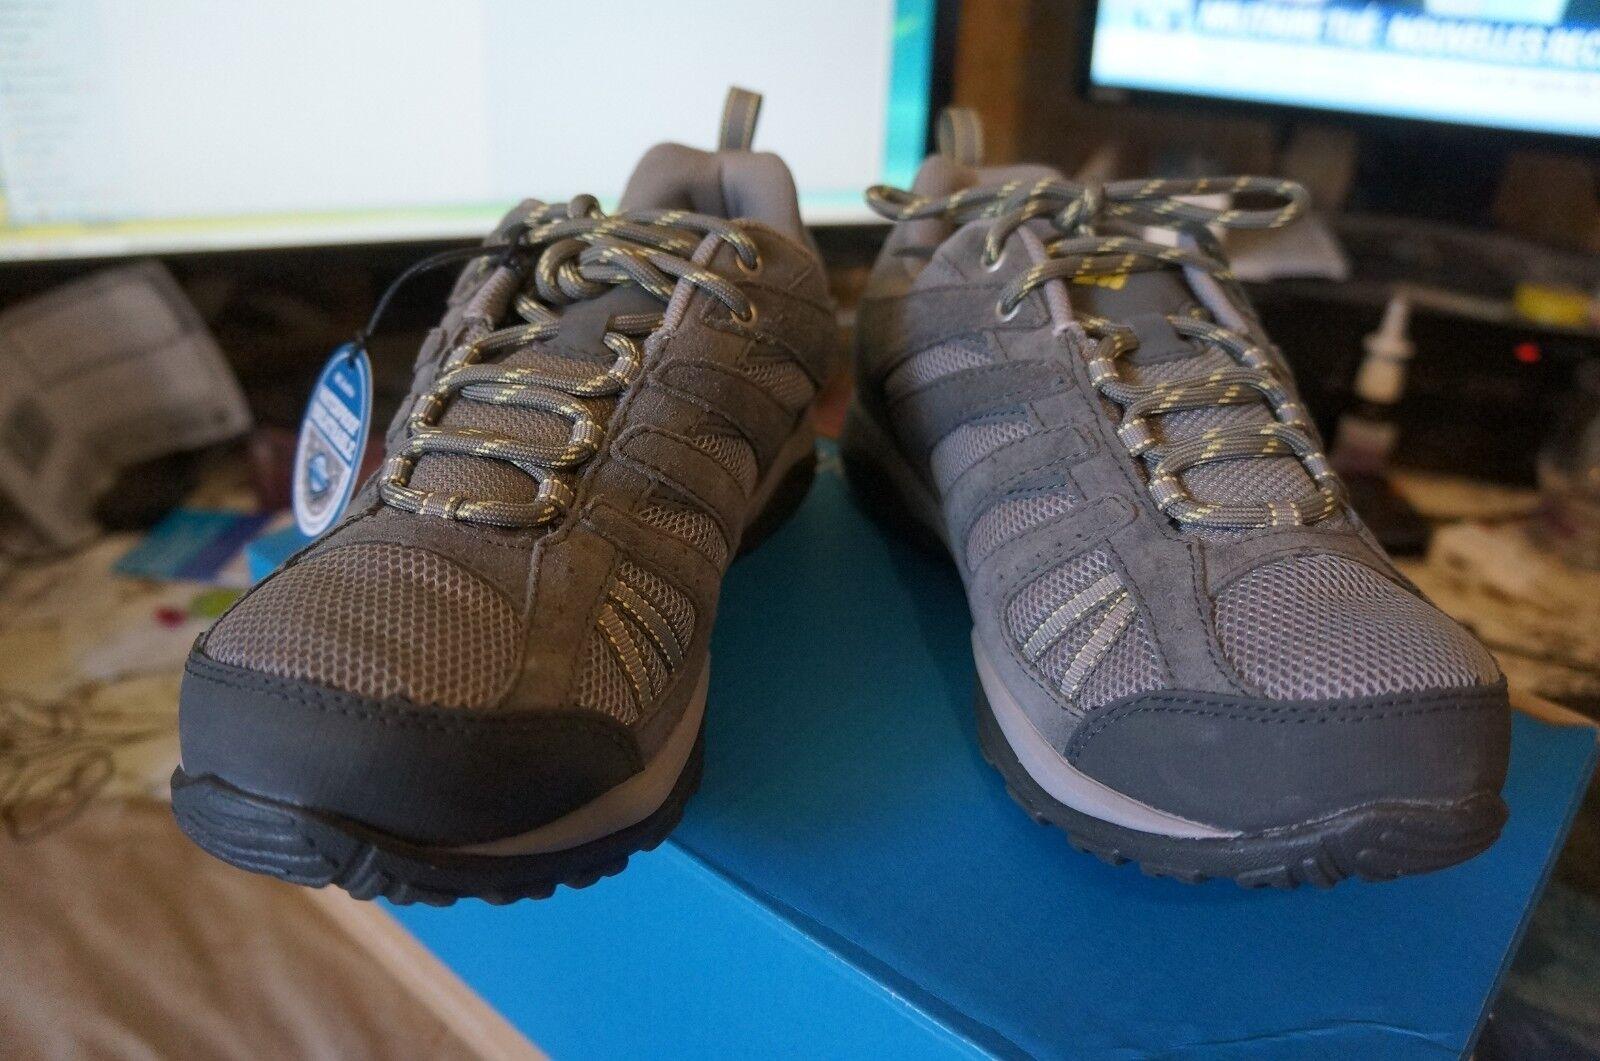 Columbia Dakota Drifter, Chaussures de Randonnée Basses femme, Gris 39.5 EU